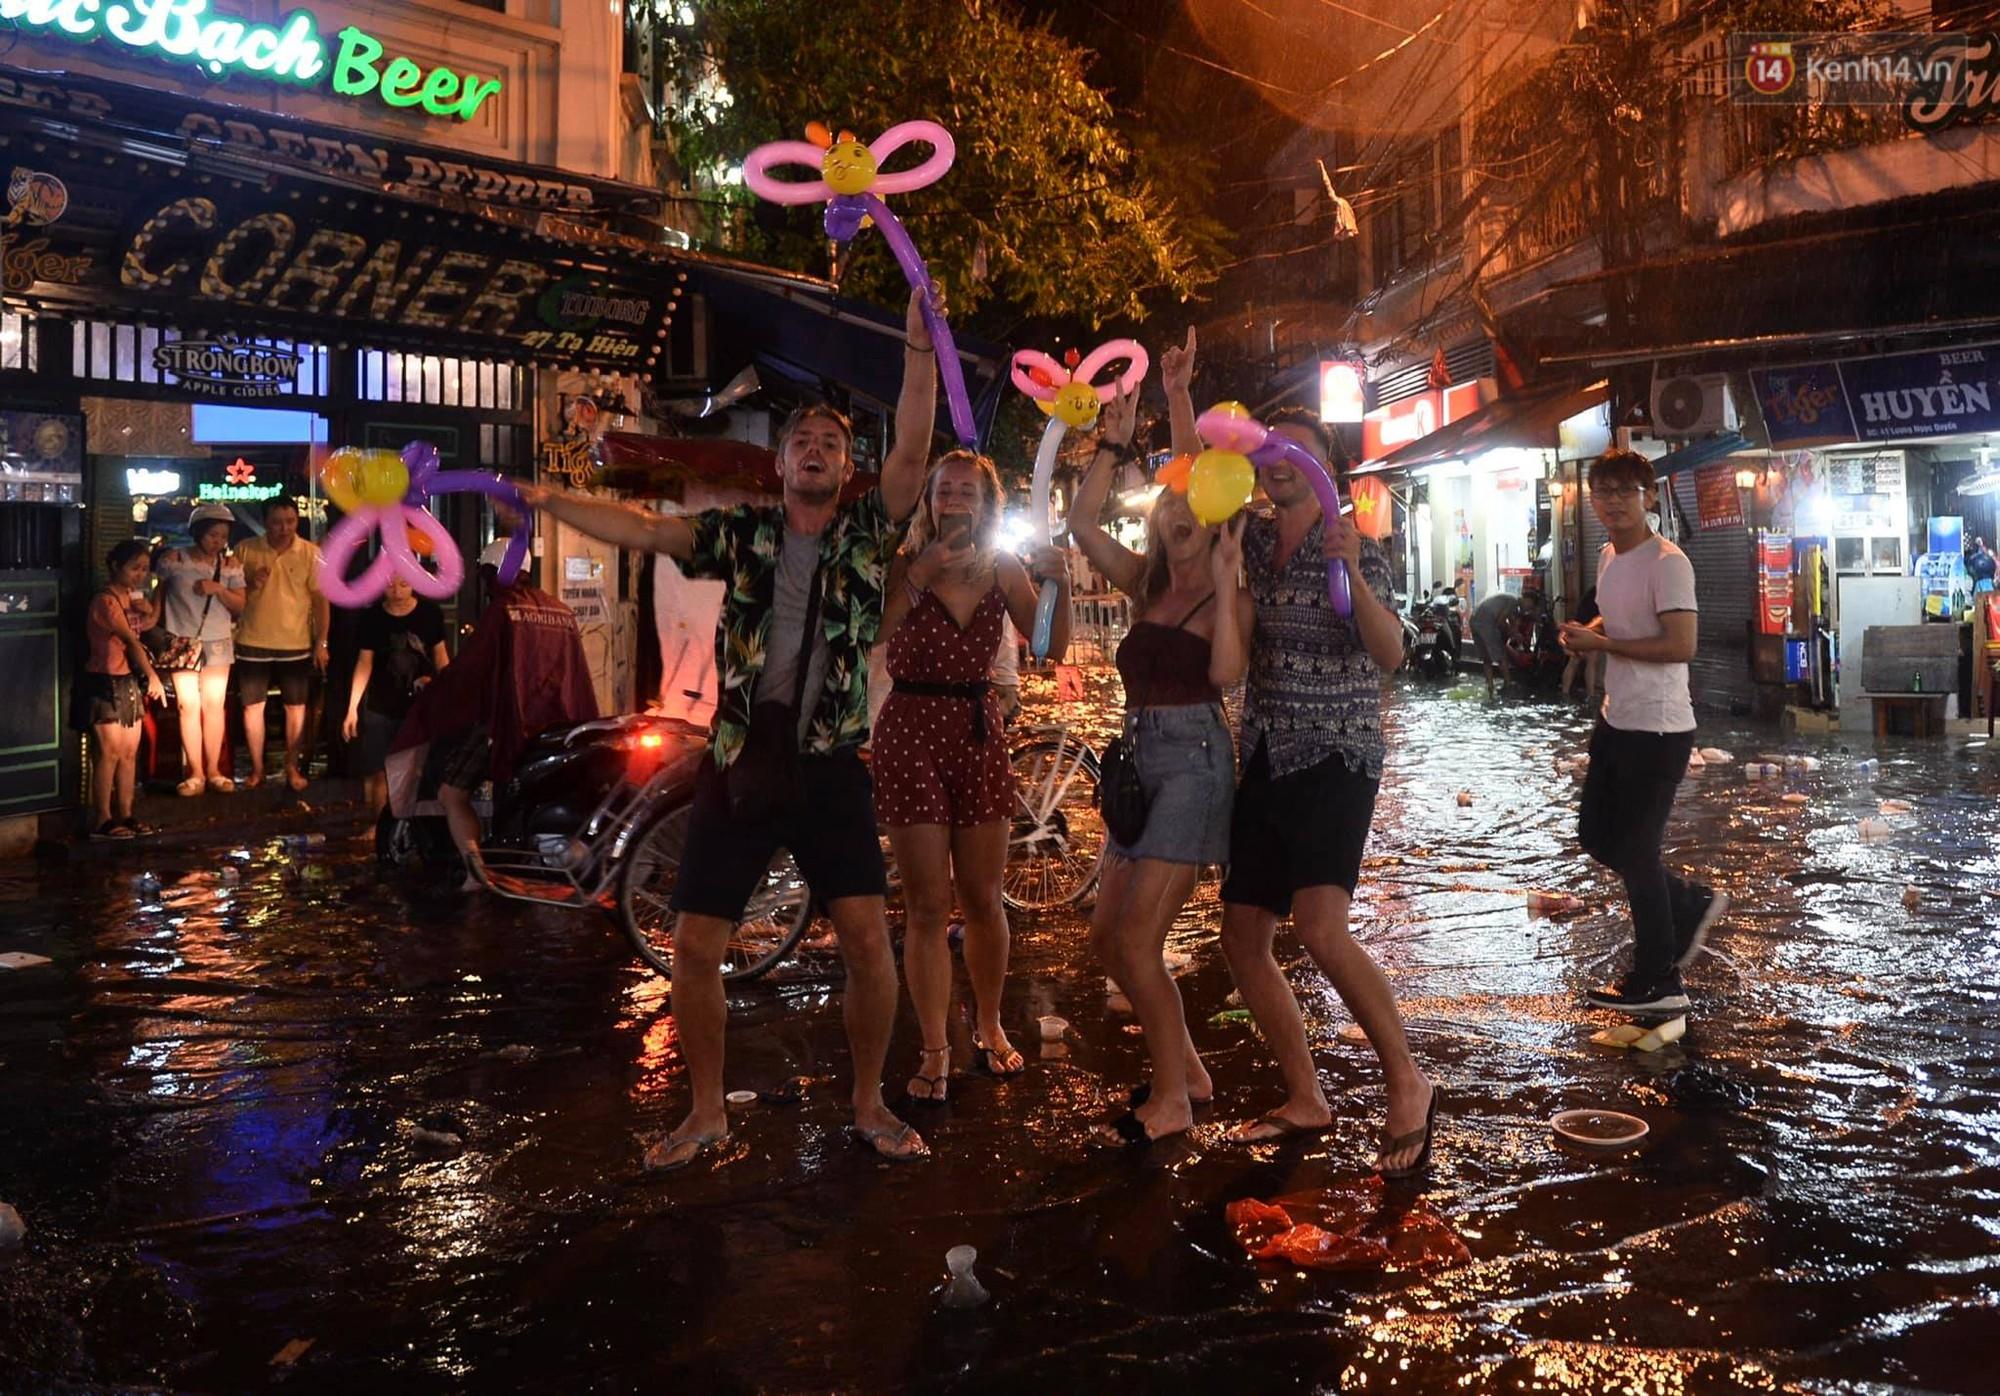 Hà Nội: Phố tây Tạ Hiện - Lương Ngọc Quyến mênh mông nước, nhiều cặp đôi phải cõng nhau di chuyển - Ảnh 14.